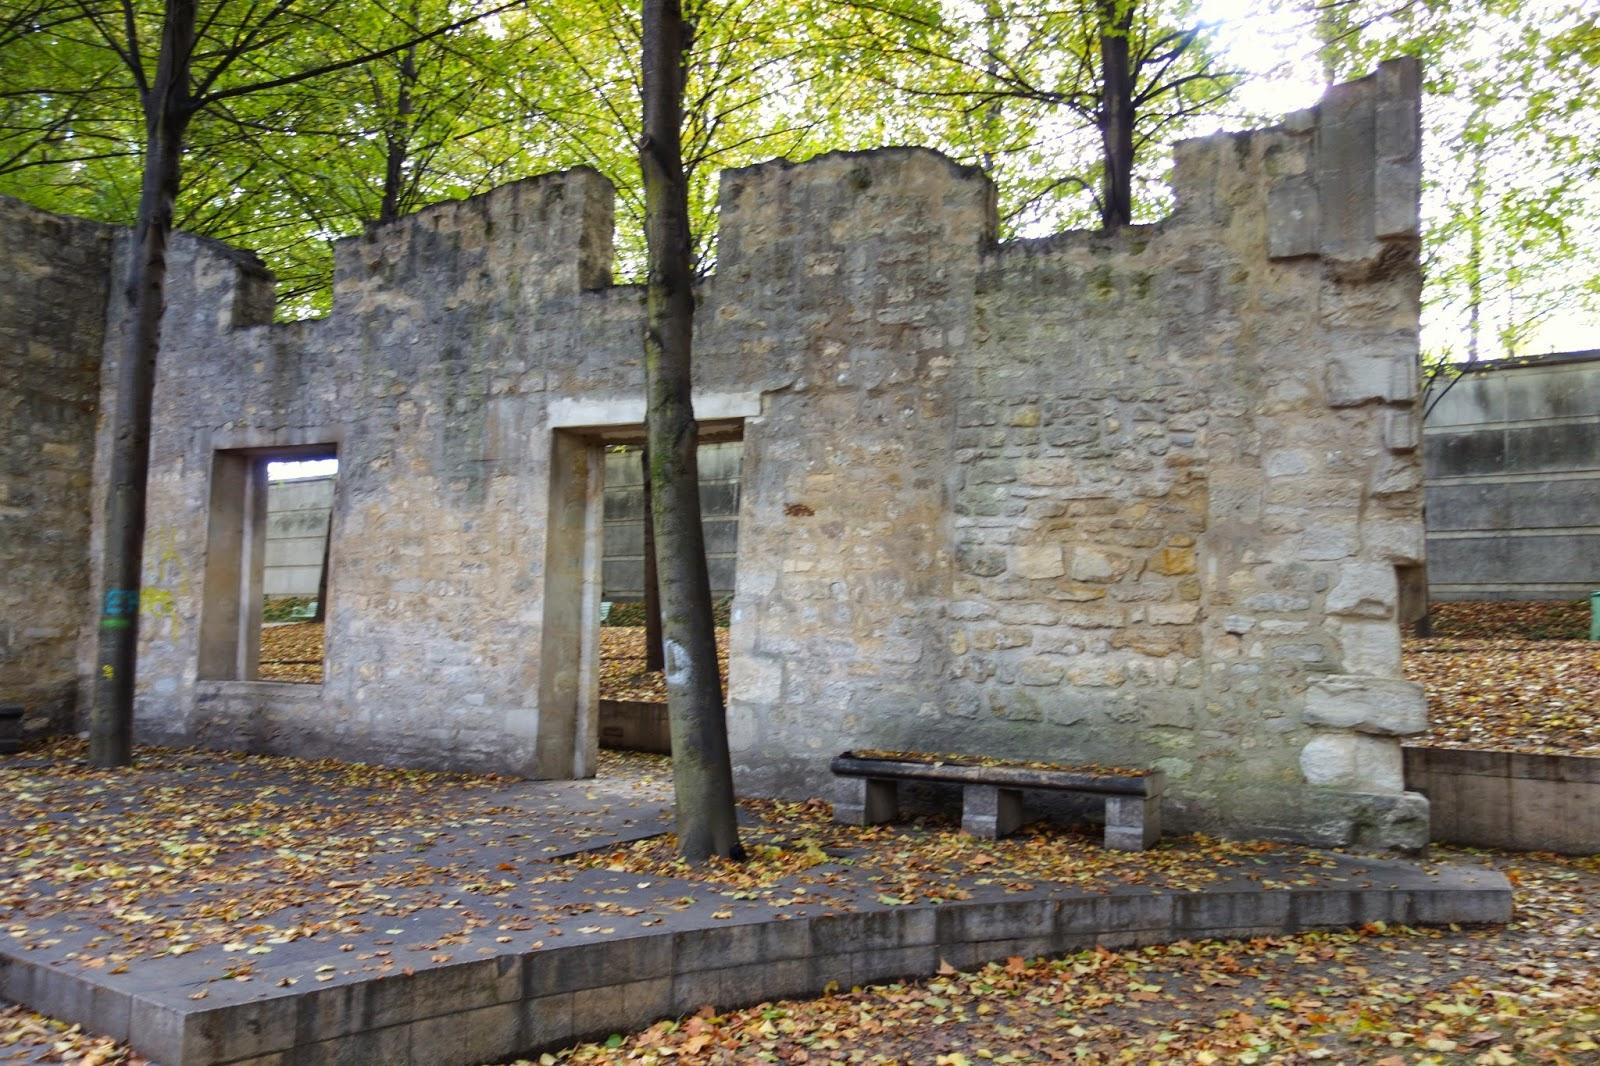 Paris ruines d 39 une folie datant du xviii me si cle dans le parc de bercy xii me paris la douce for Jardin 19eme siecle